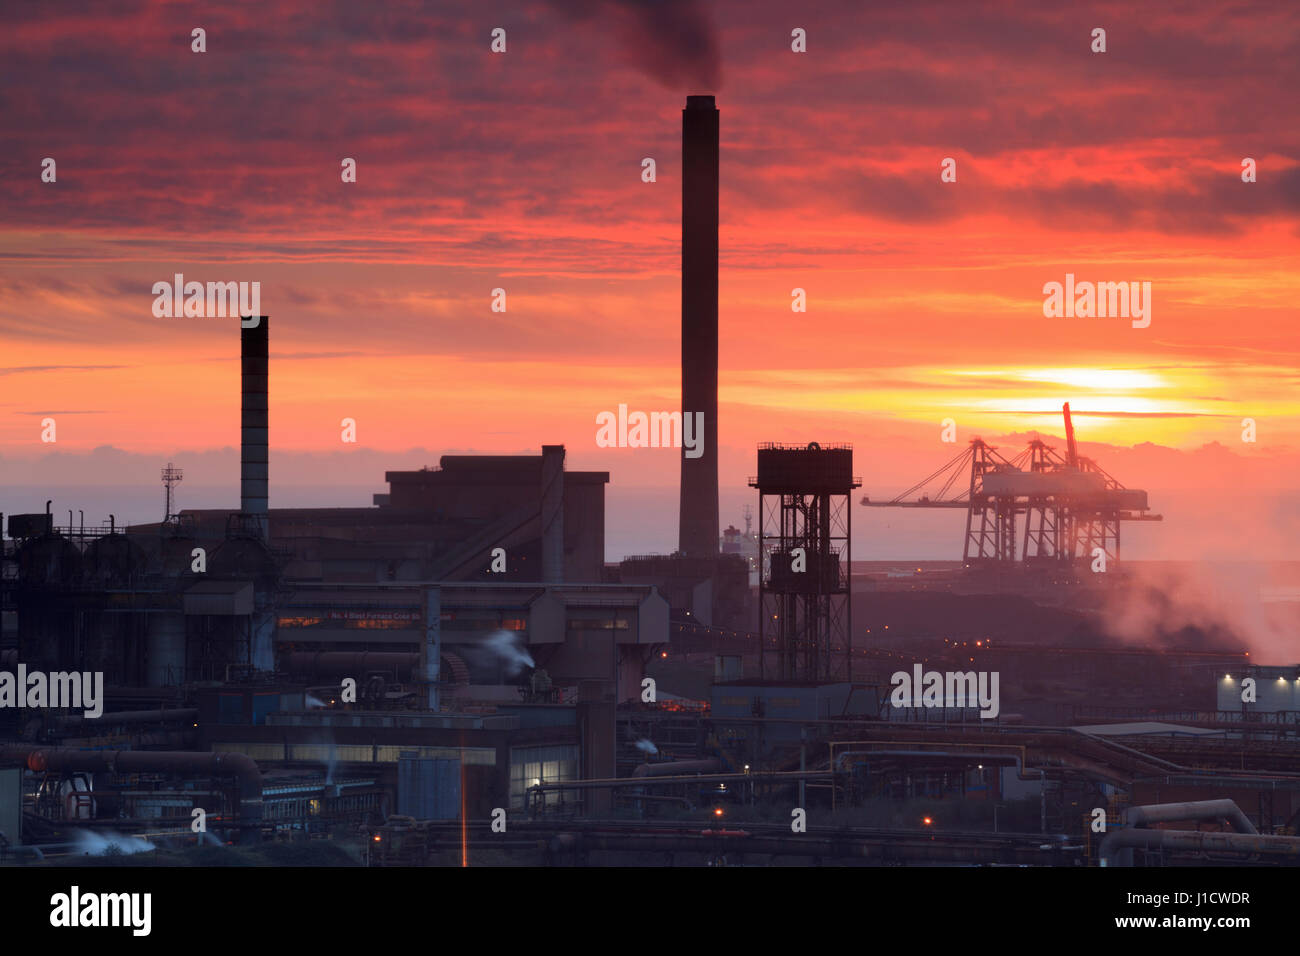 Sonnenuntergang über Port Talbot Stahlwerken, South Wales, Wales, Vereinigtes Königreich Stockfoto